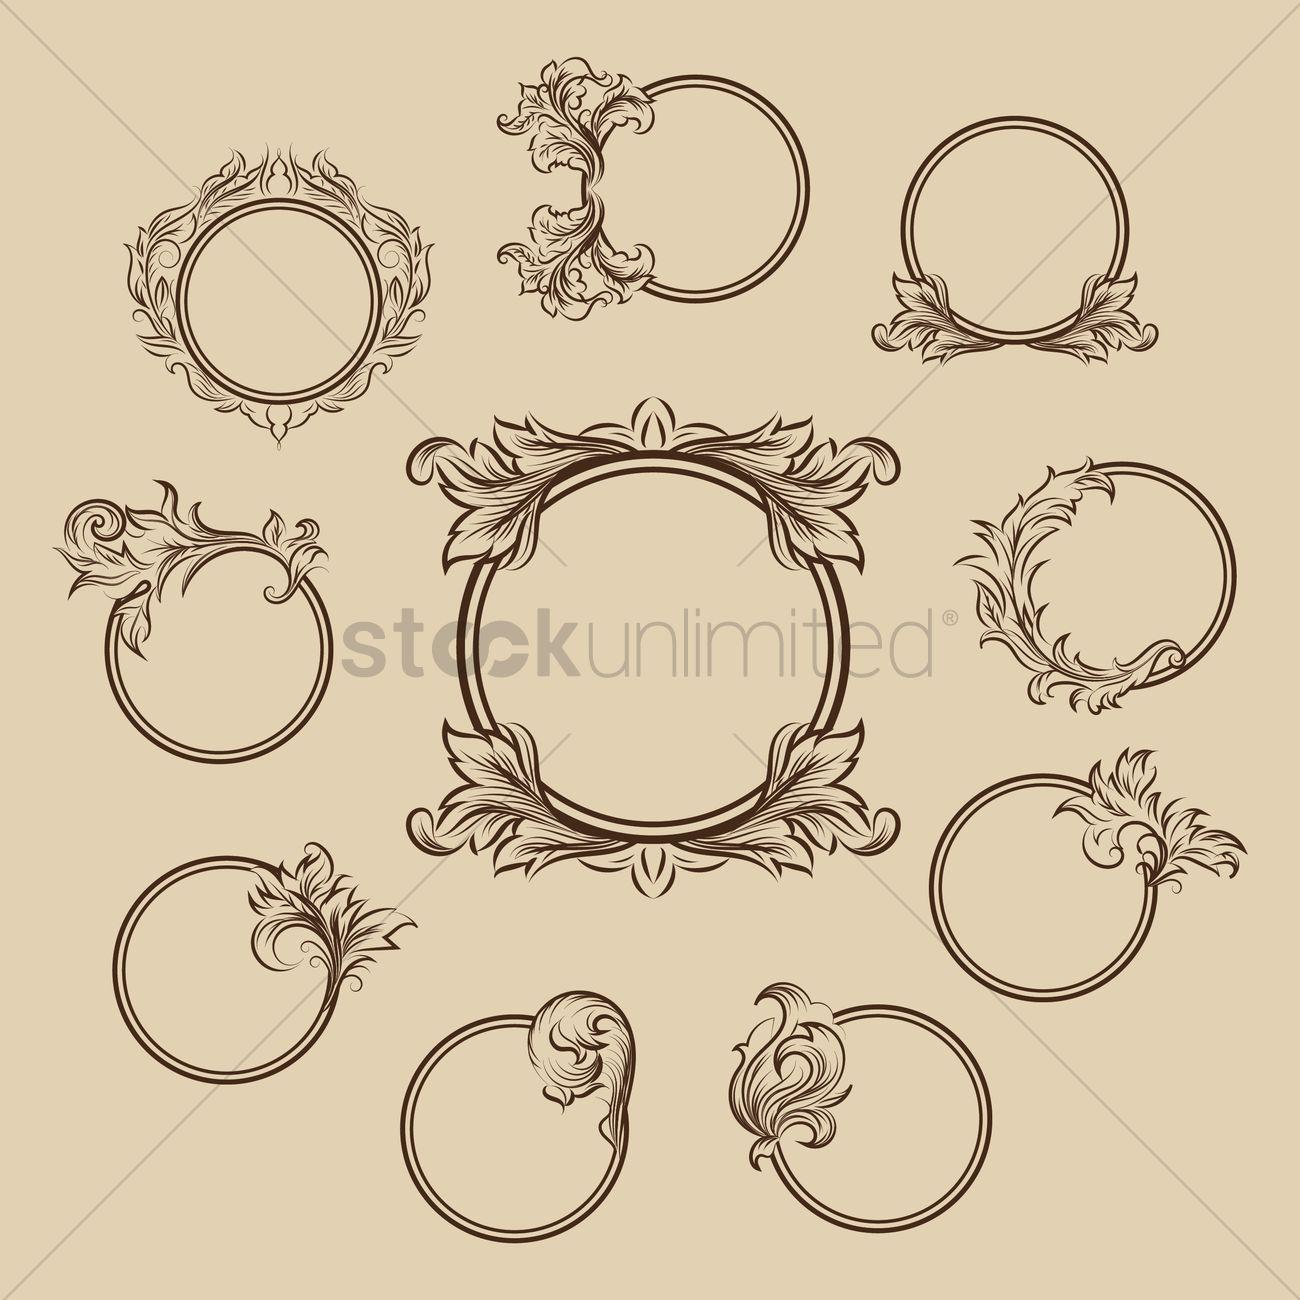 Collection of circular ornamental frames Vector Image - 1626826 ...